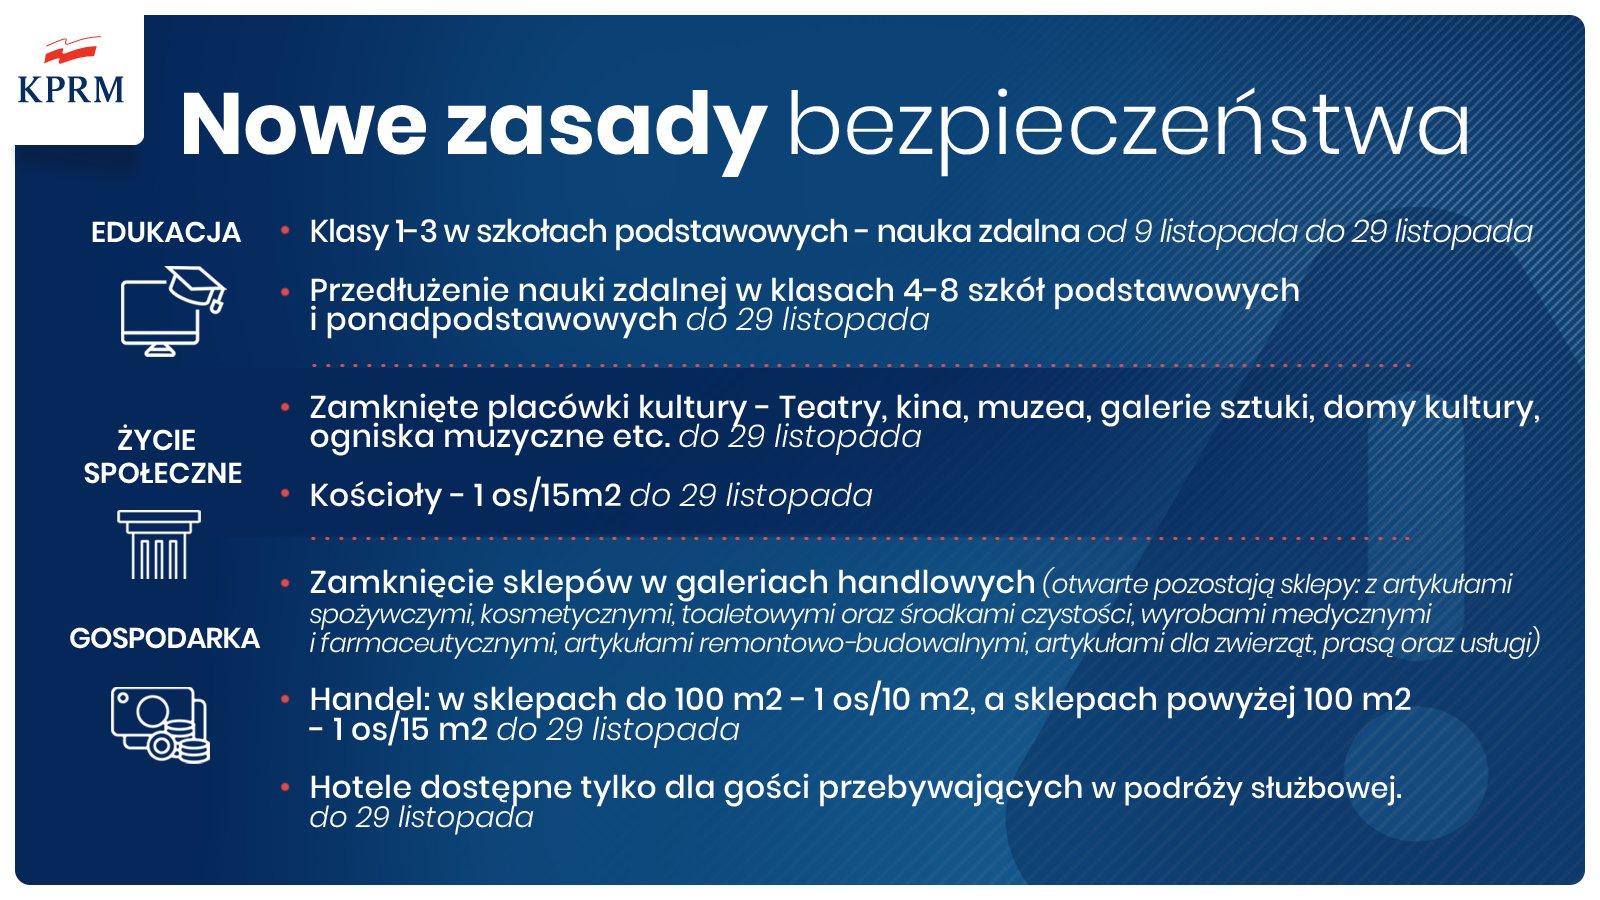 obostrzenia koronawirus covid Polska od 7 listopada - 29 listopada 2020